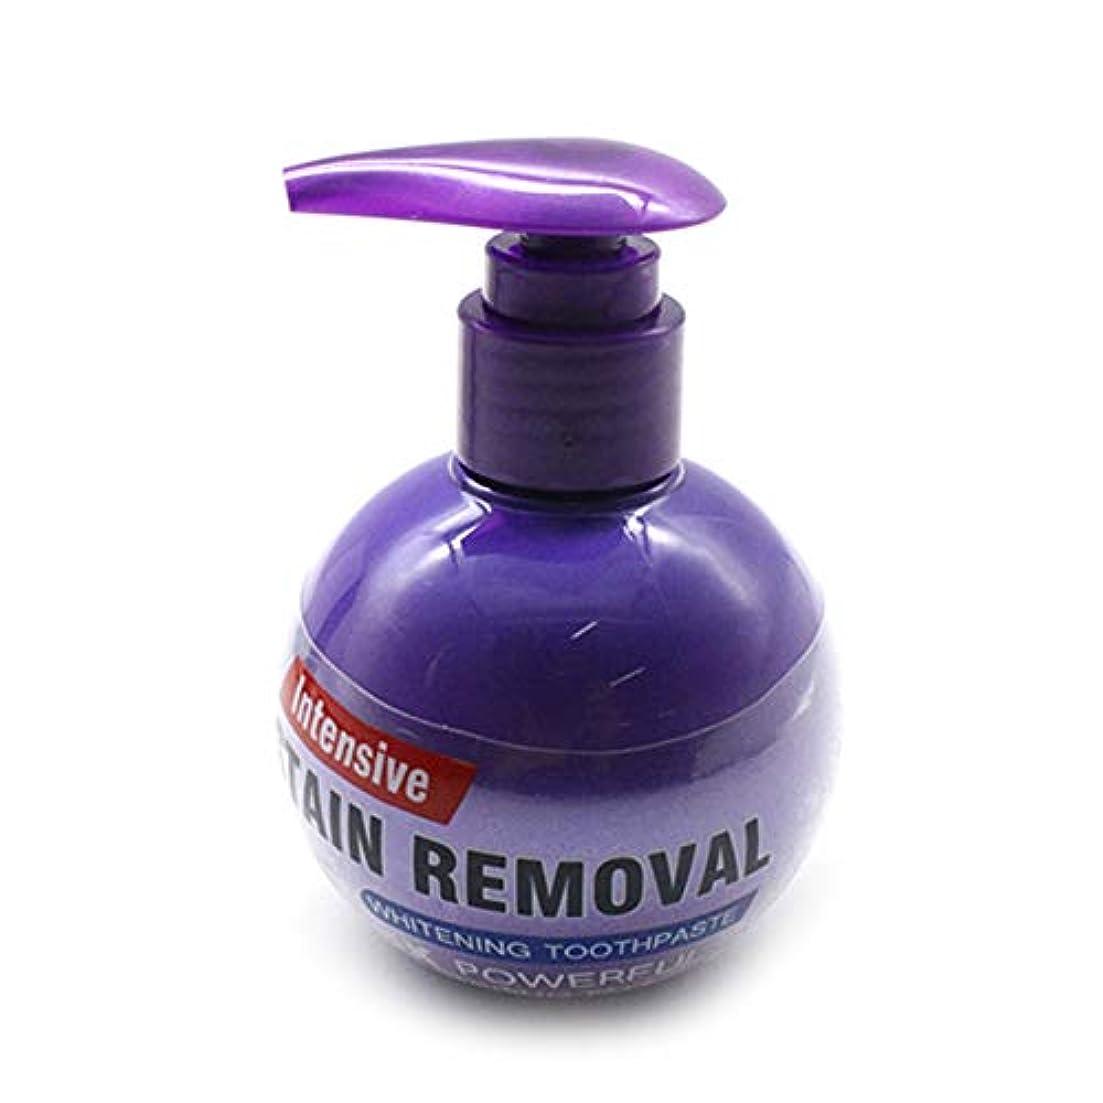 コモランマスパーク疎外するBeaurtty強力な洗剤、新しい歯磨き粉の美白、抗出血ガム、歯磨き粉、歯